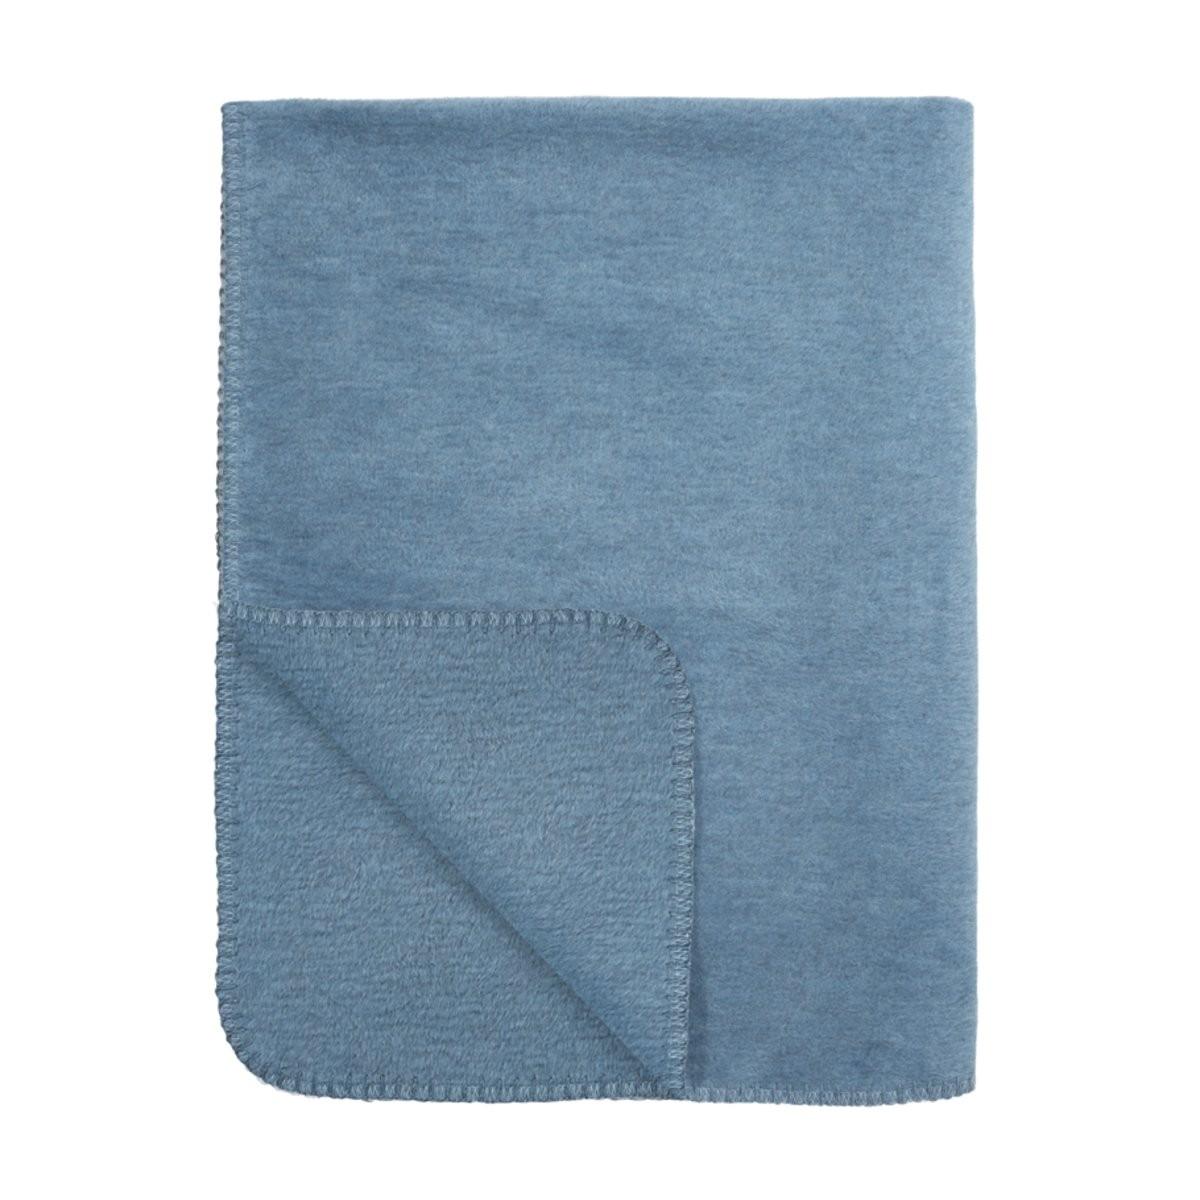 Image of Deken Meyco Wieg 75x100 Uni Jeans 35497